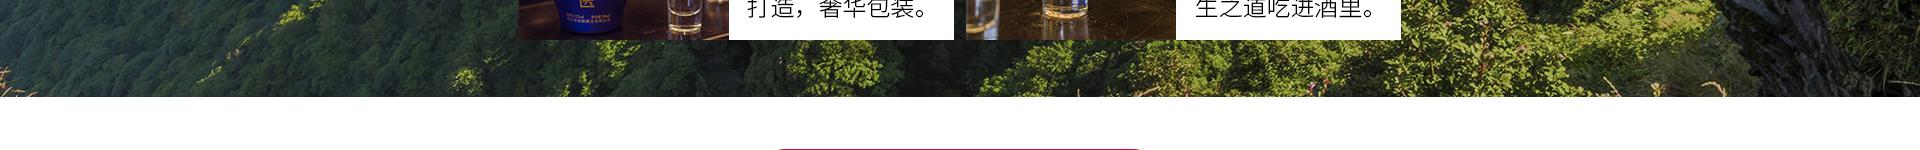 老宗醫-吃酒有方-34